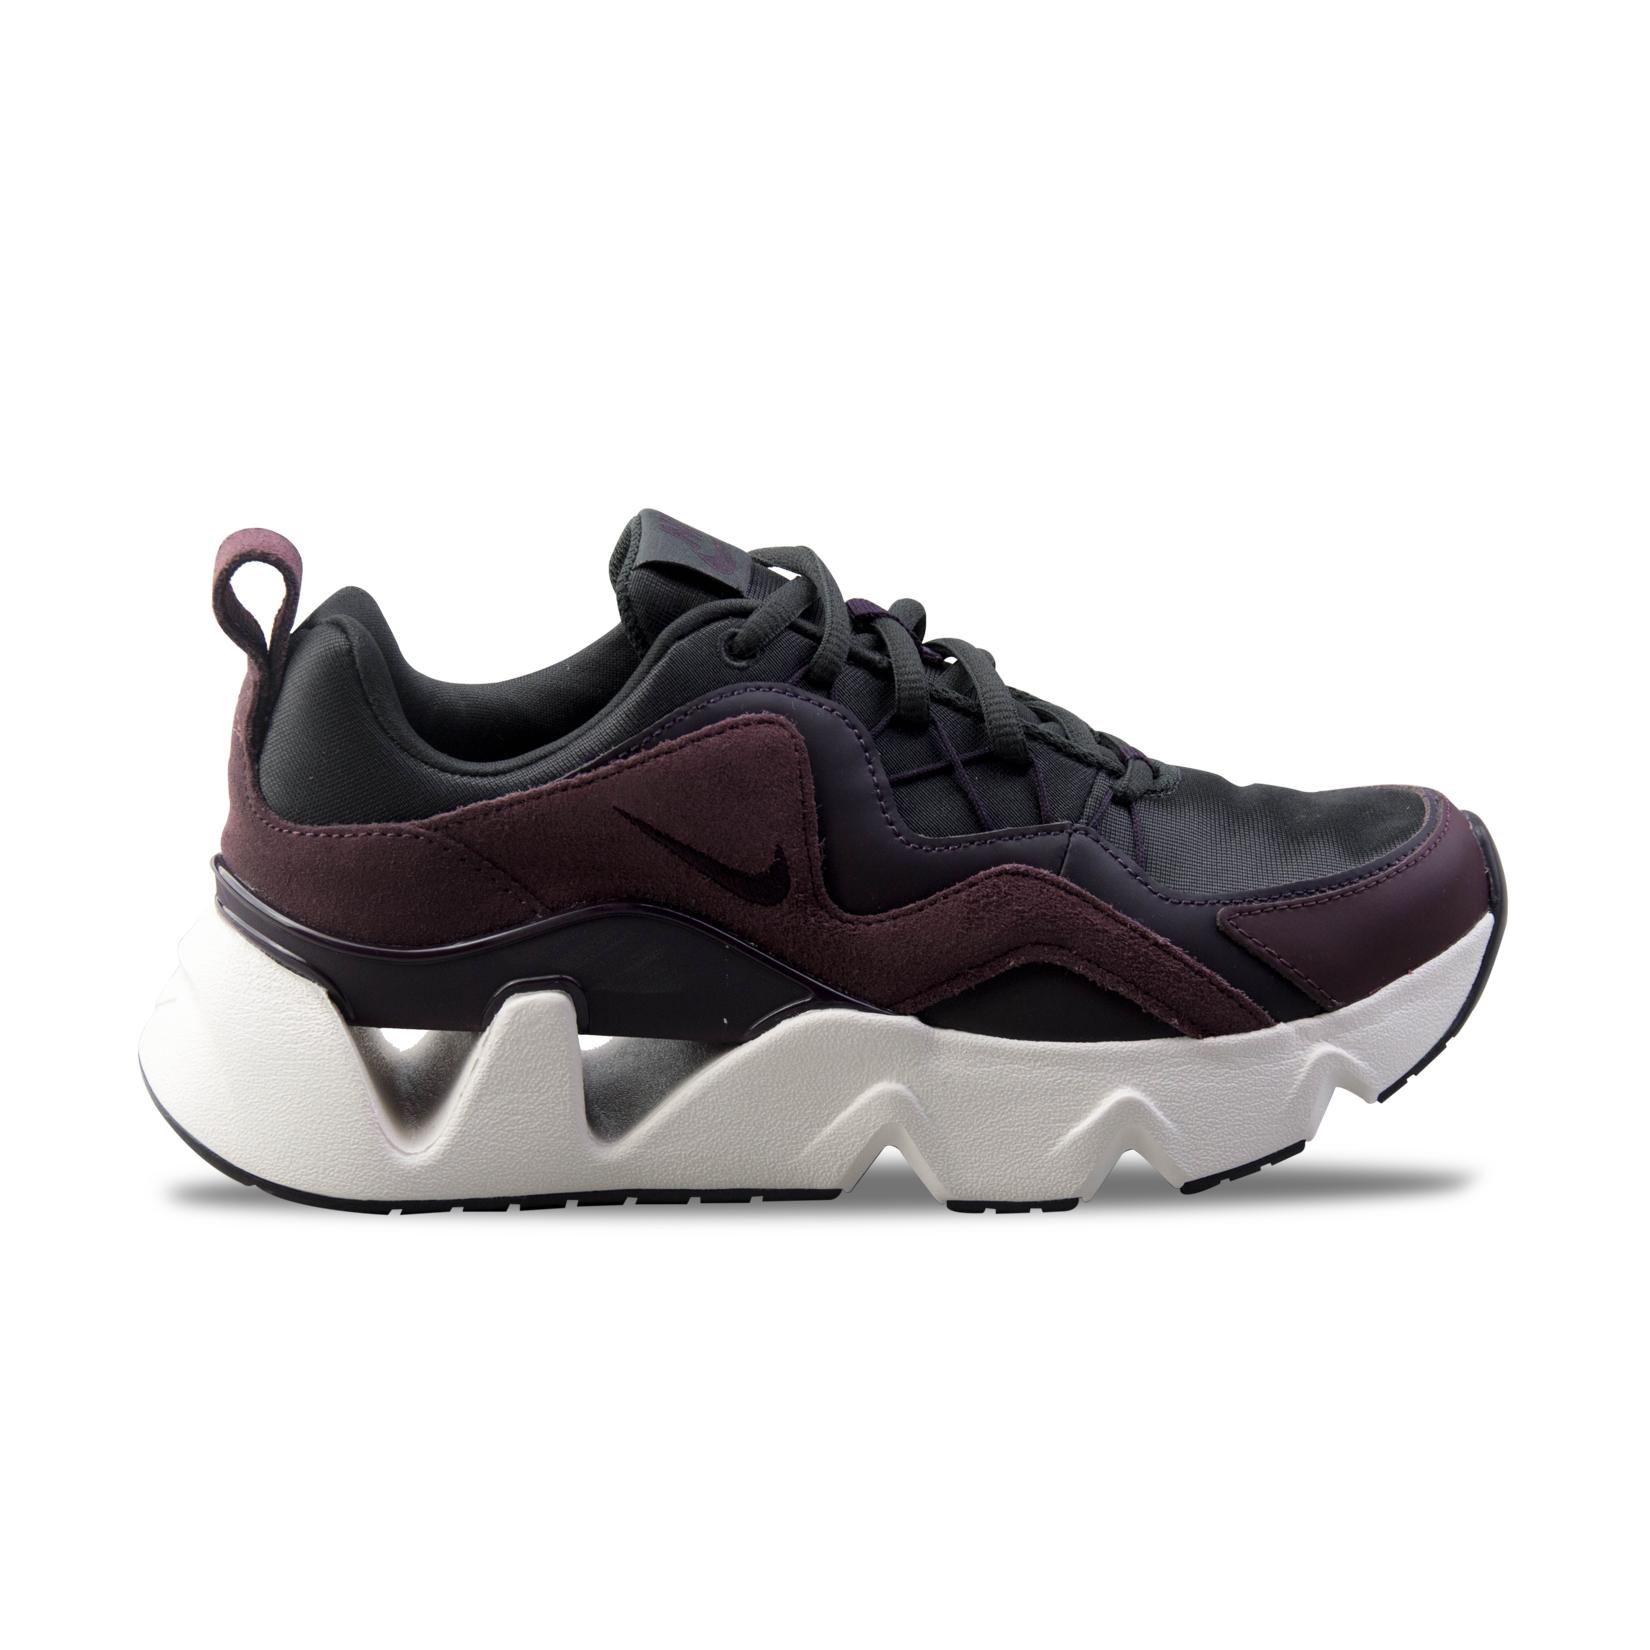 Nike Ryz 365 Off Noir - Burgundy